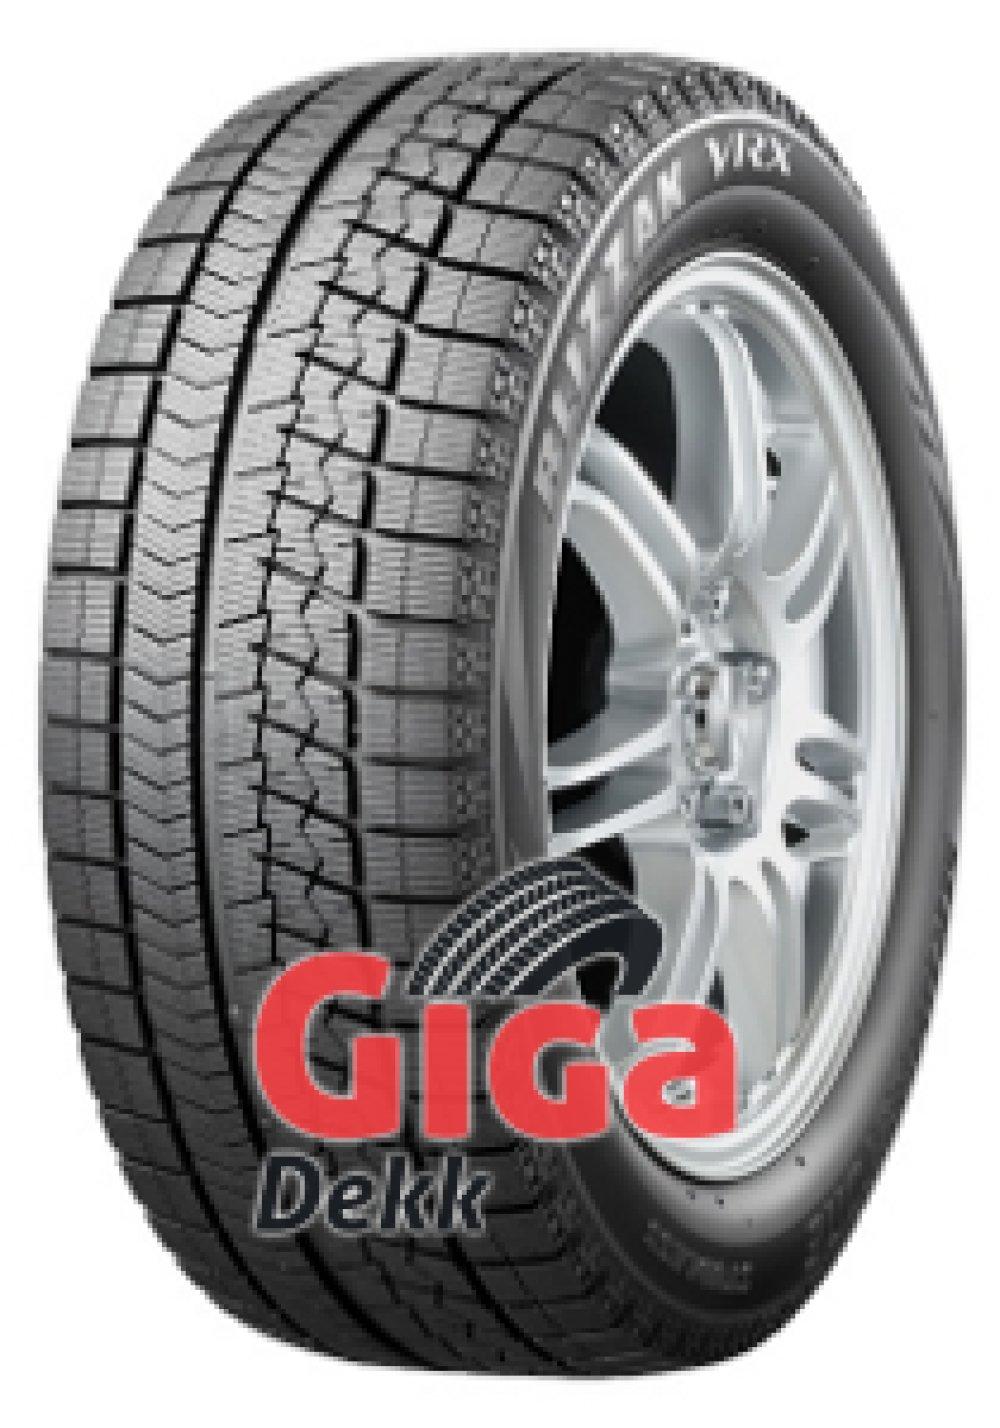 Bridgestone Blizzak VRX ( 245/50 R18 100S , Nordiske vinterdekk, med felgbeskyttelse (MFS) )